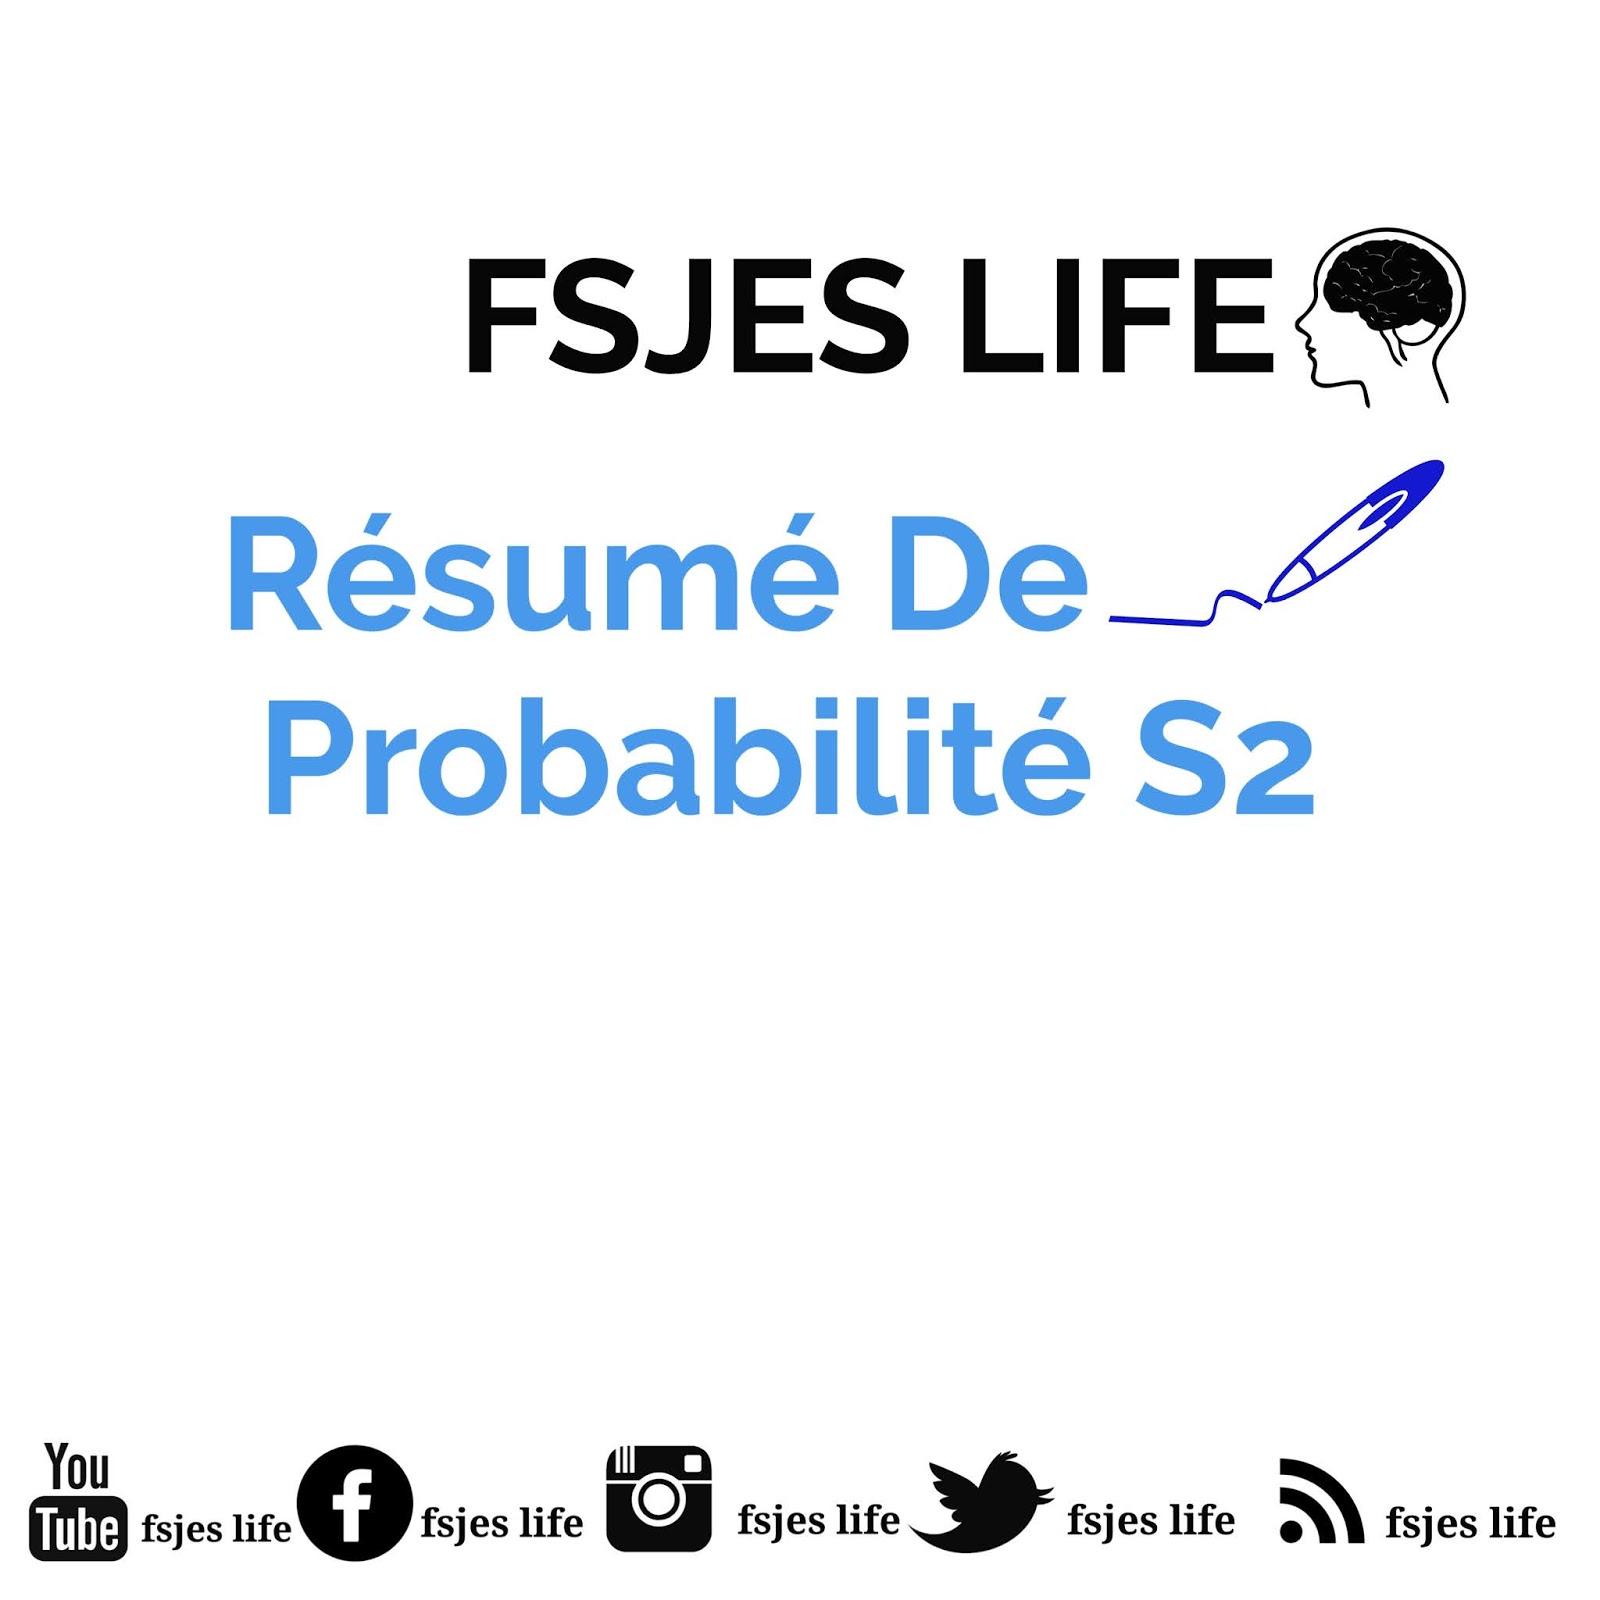 Probabilité S2